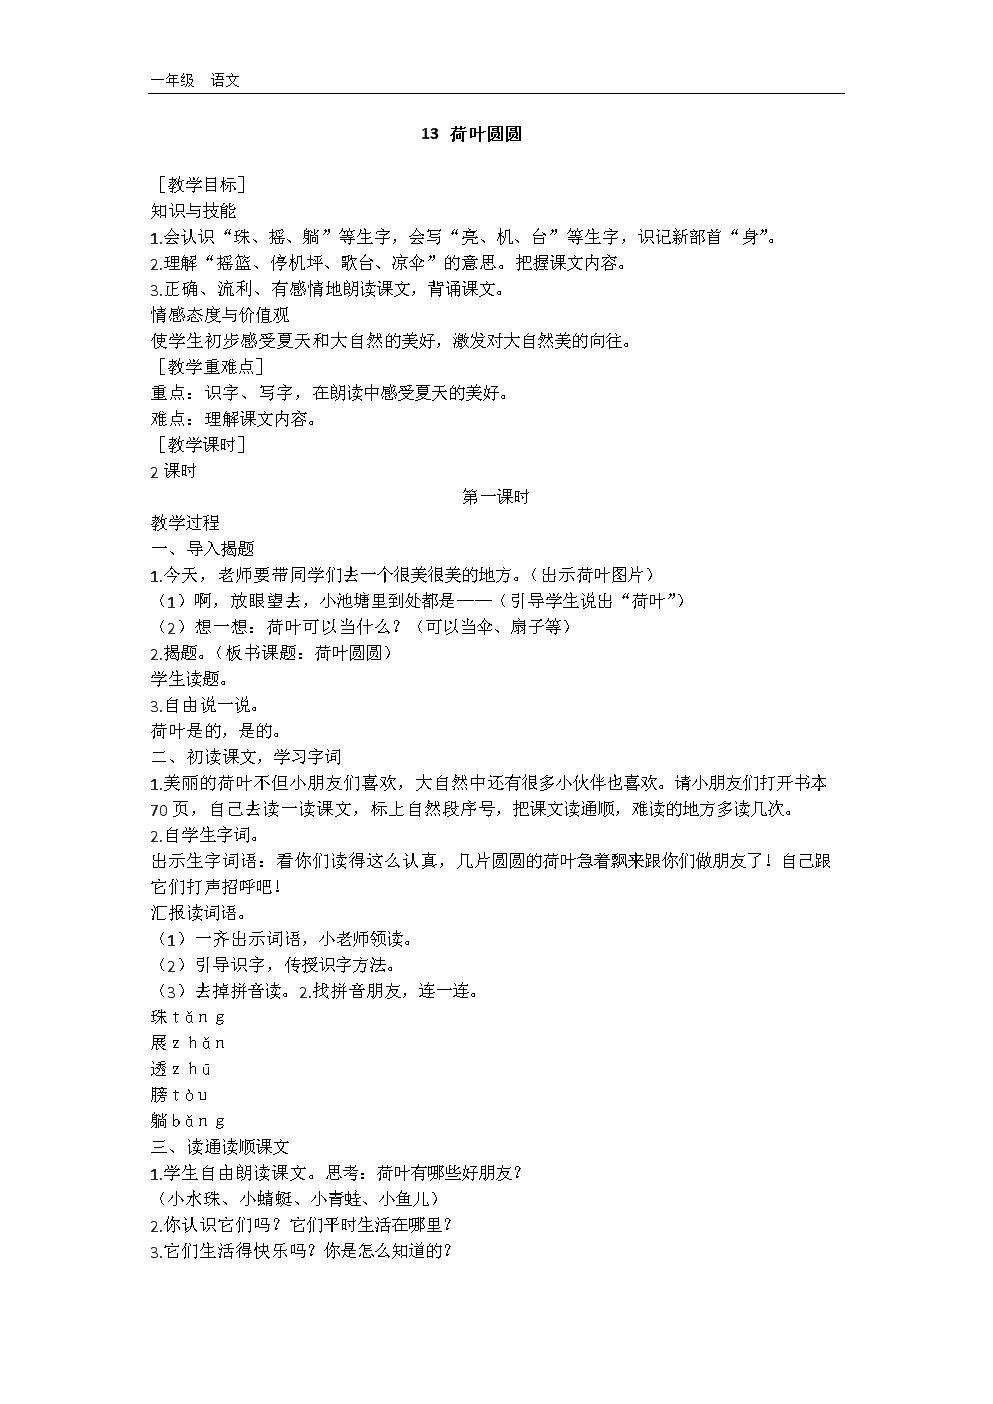 2021春人教版一年级语文下册教案设计-13 荷叶圆圆.doc